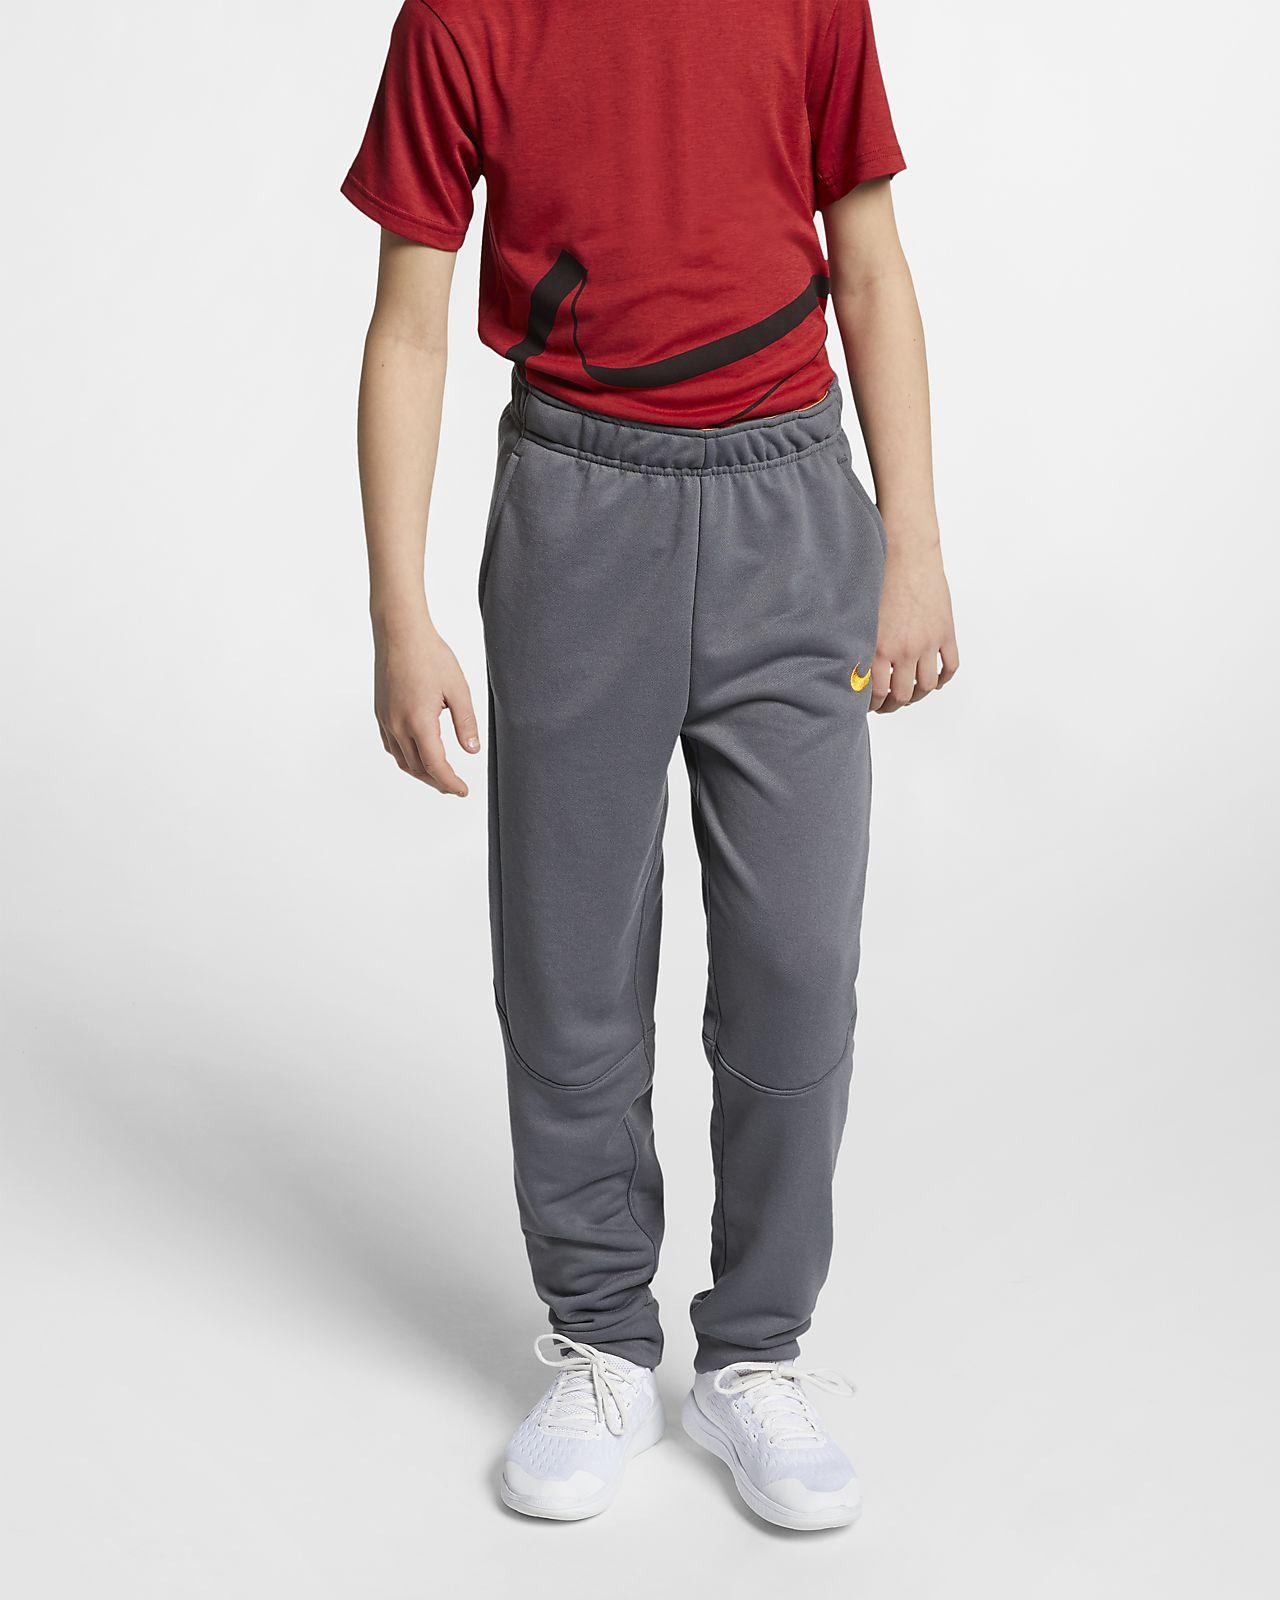 Παντελόνι προπόνησης Nike Dri-FIT για μεγάλα παιδιά